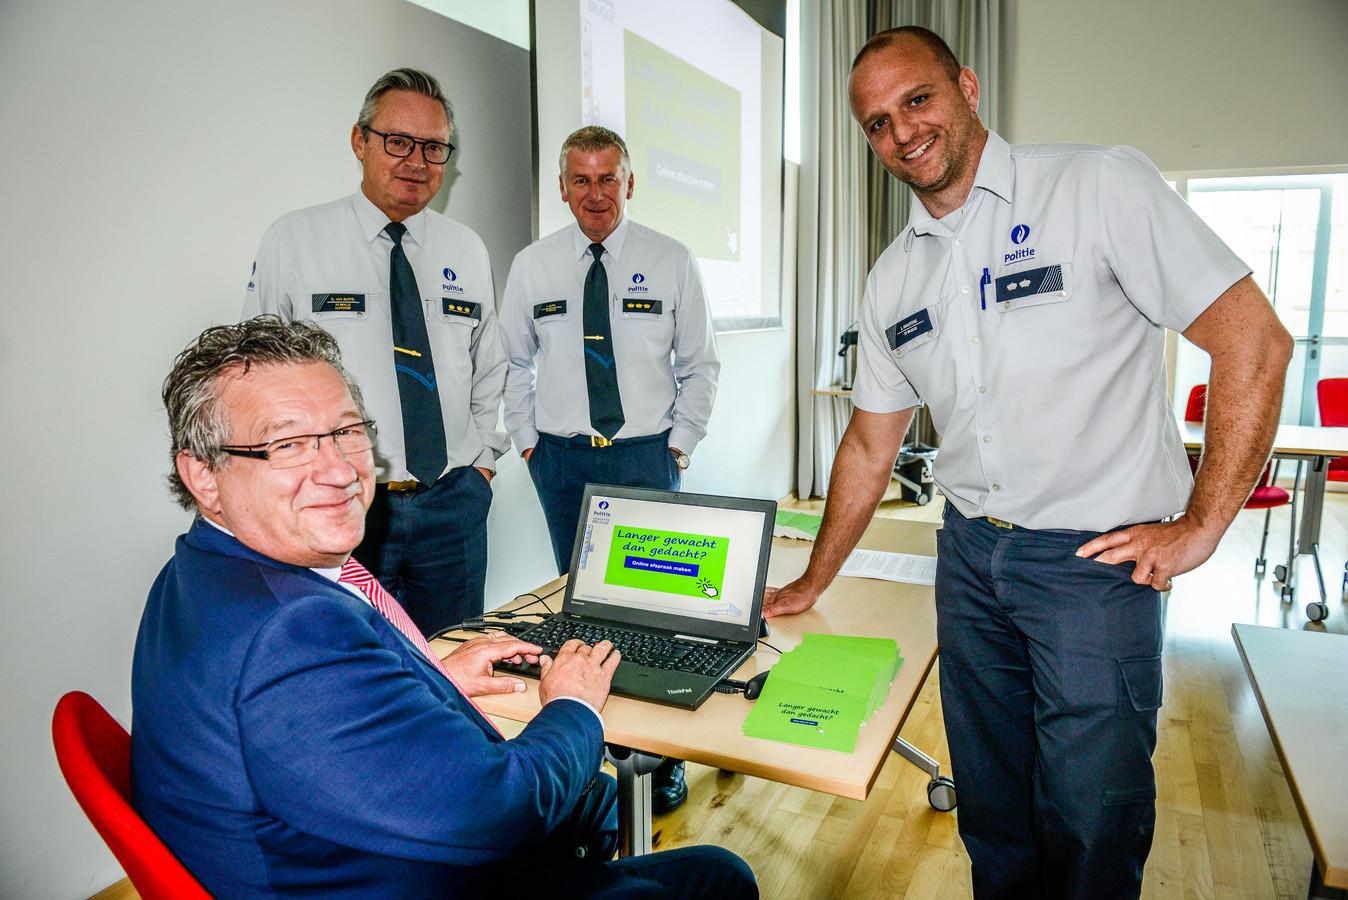 """Brugge, voorstelling """" online afspraak met de Brugse Politie """": burgemeester Dirk De fauw met hoofdinspecteur Jan Maertens. Korpschef Dirk Van Nuffel kijkt goedkeurend toe"""